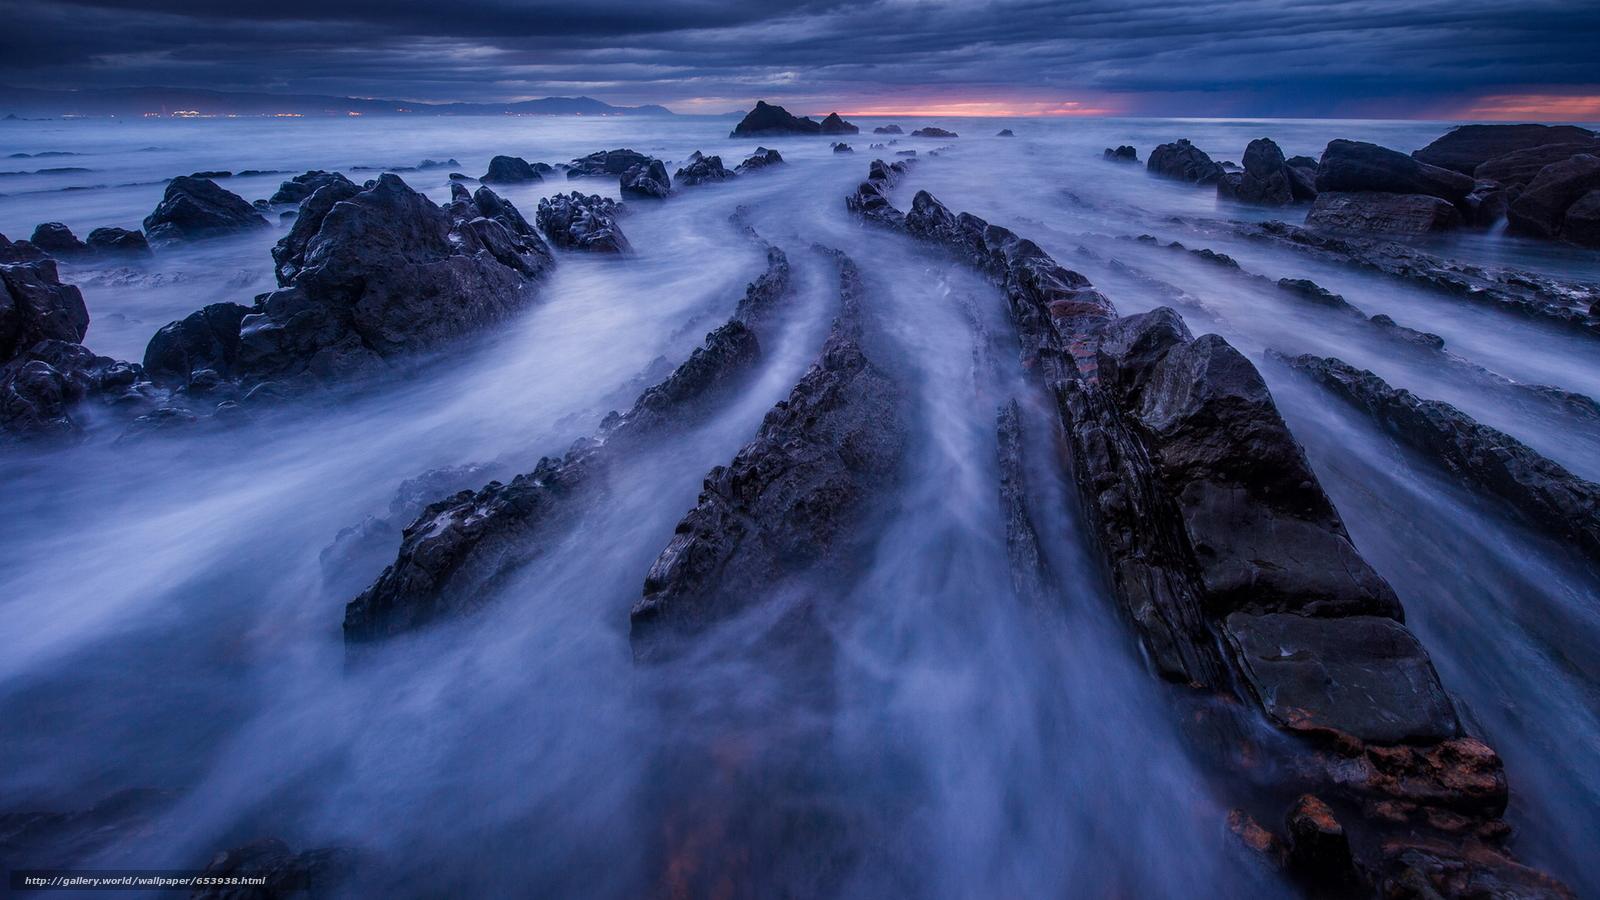 Скачать обои море,  океан,  водоем,  камни бесплатно для рабочего стола в разрешении 2048x1152 — картинка №653938